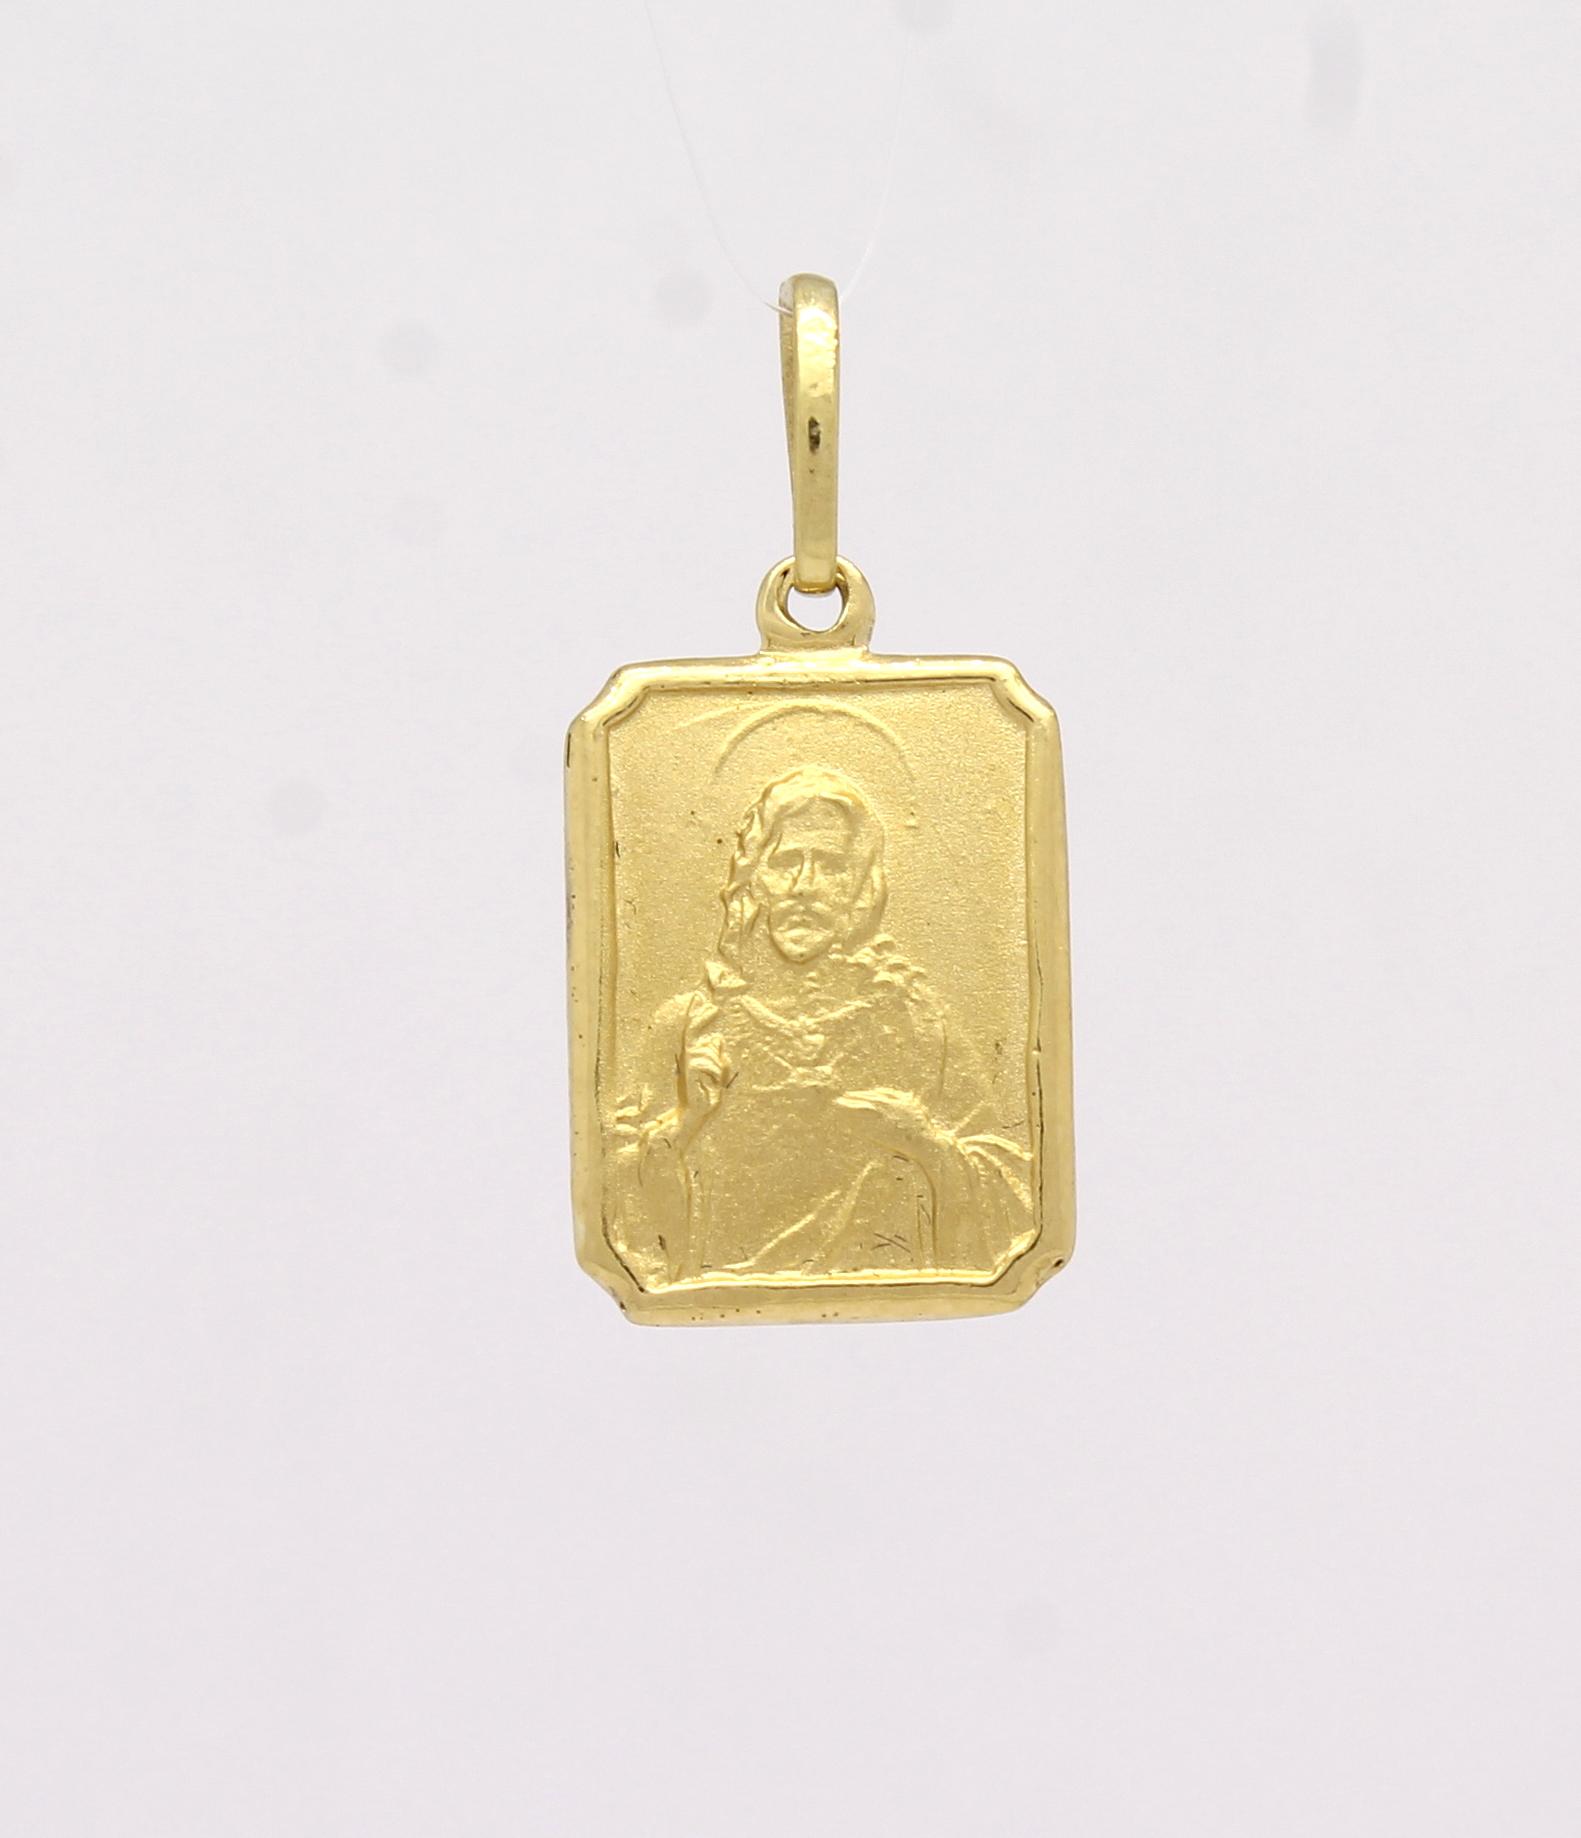 332820e2a5d72 Pingente Escapulário Ouro Amarelo 18k 750 - Marcio Joalheiros ...